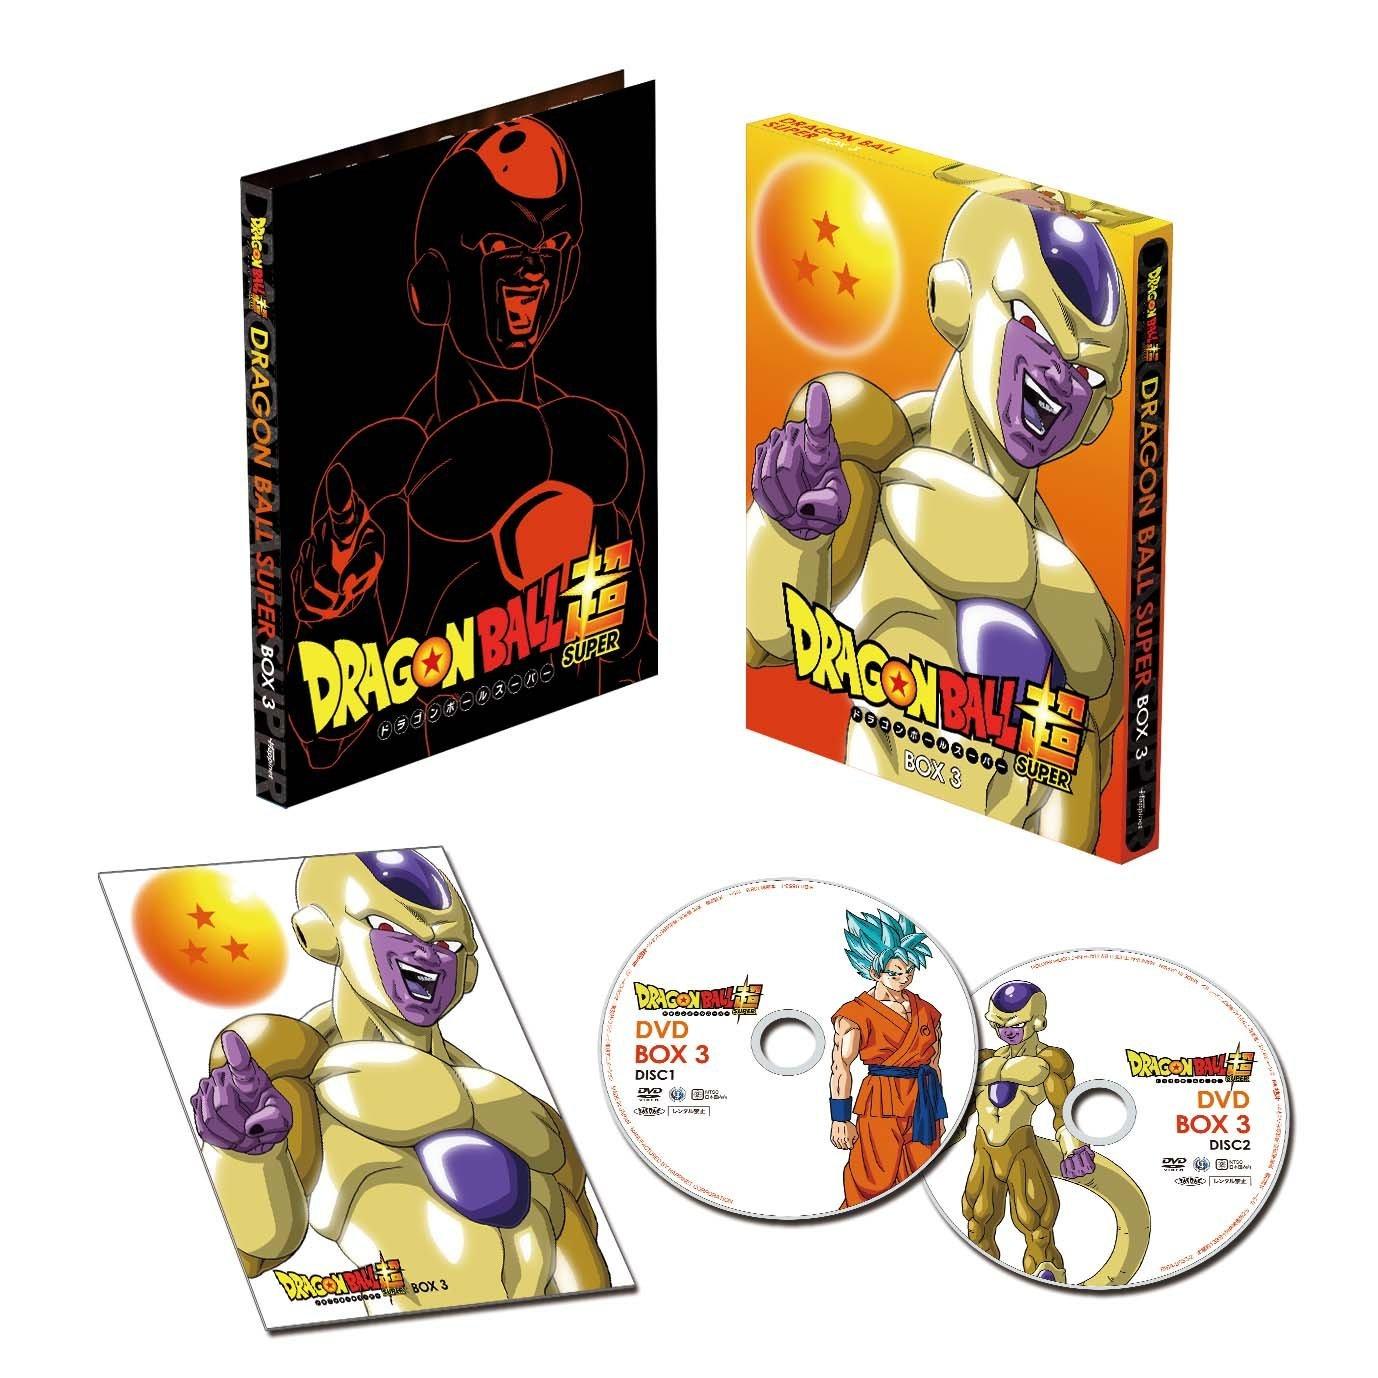 ドラゴンボール超 DVD BOX3 B019NYWZUQ